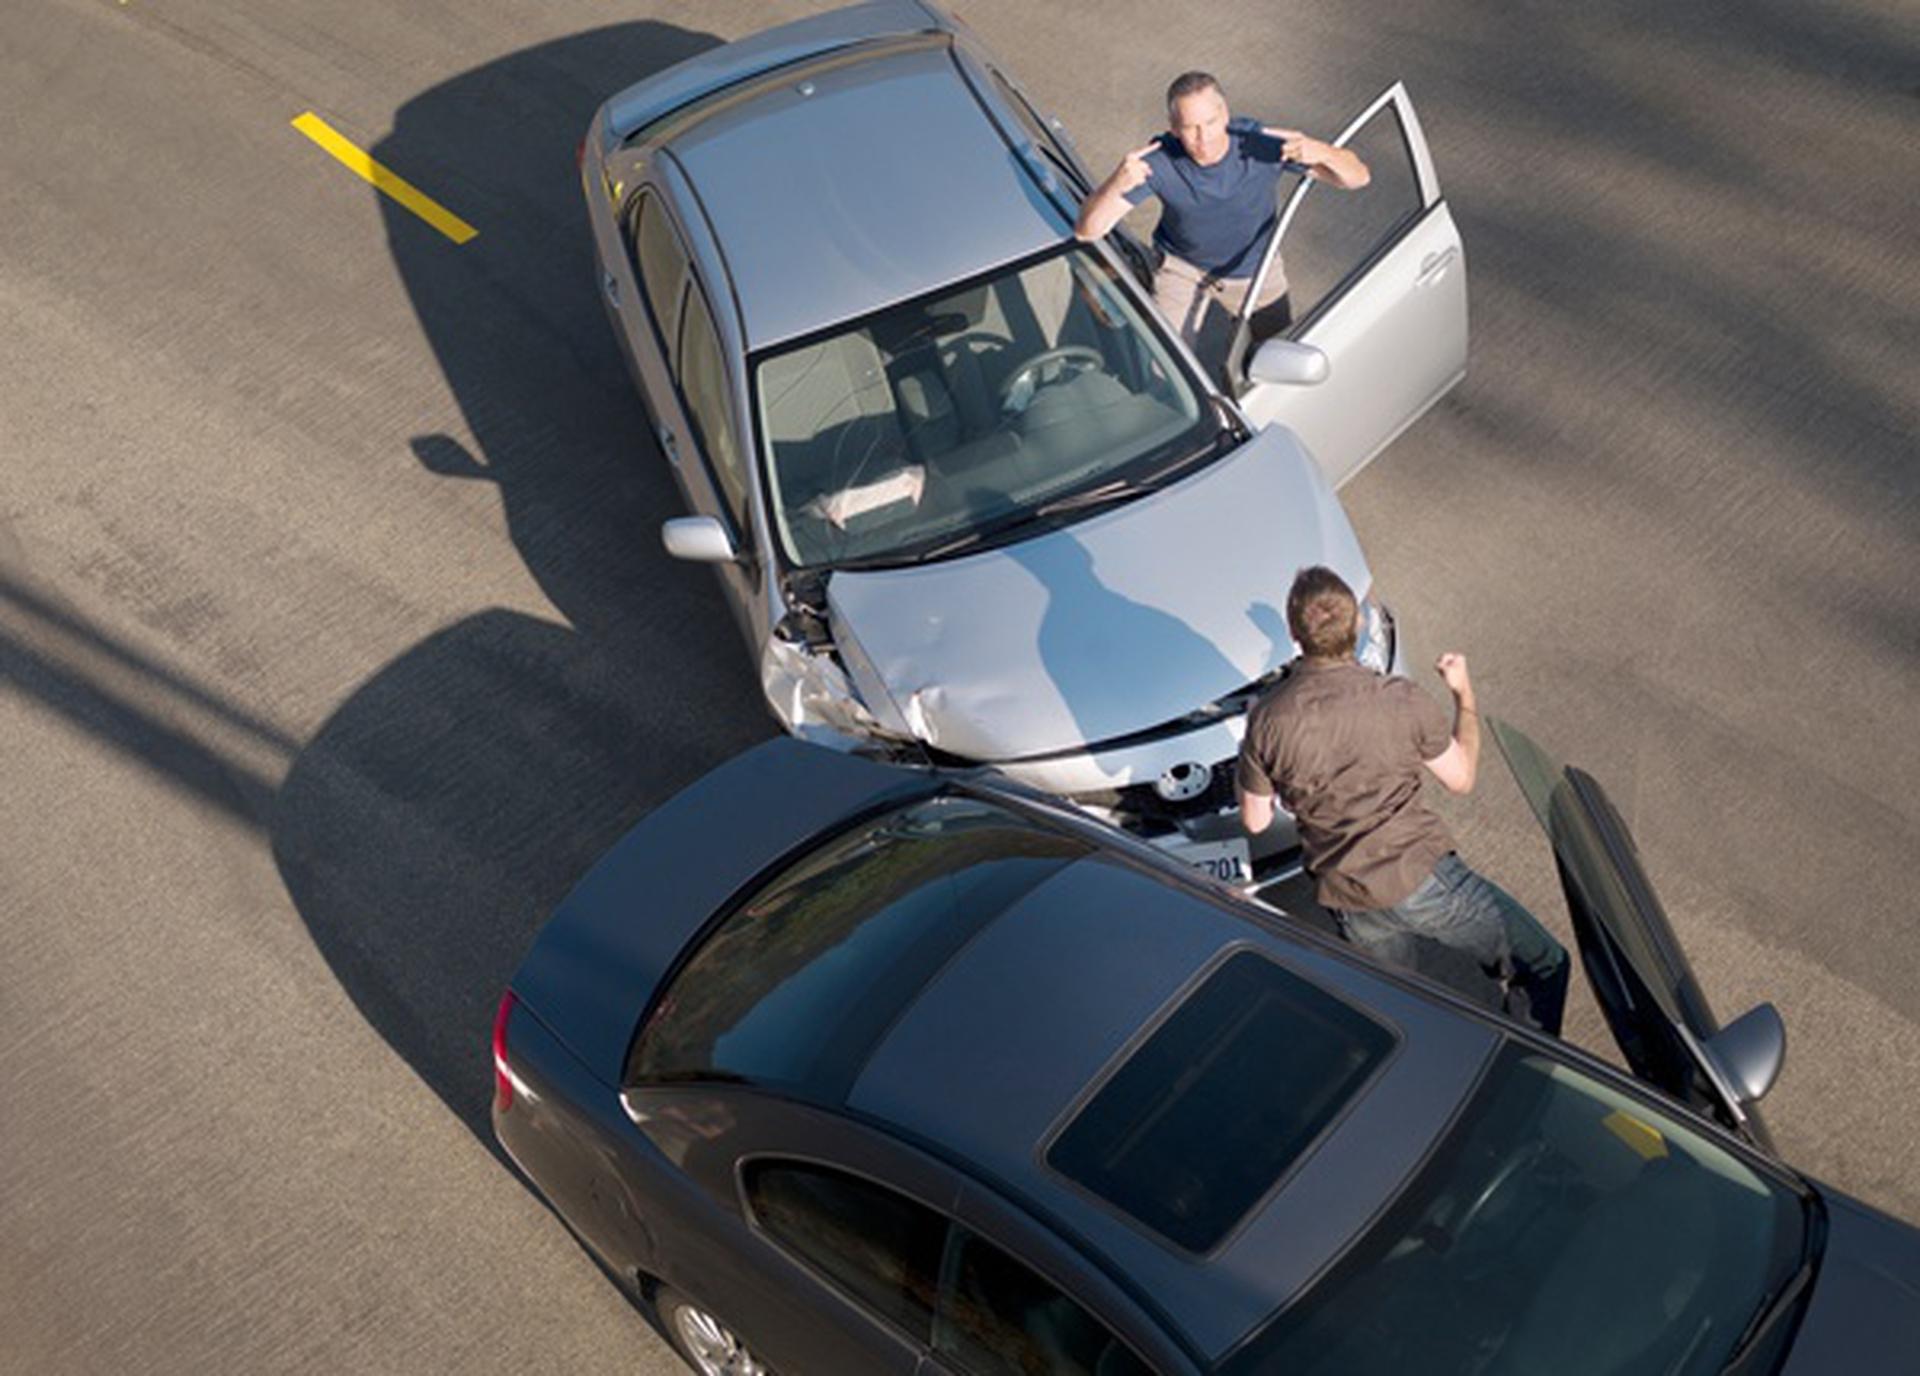 Common Road Rage Behaviors